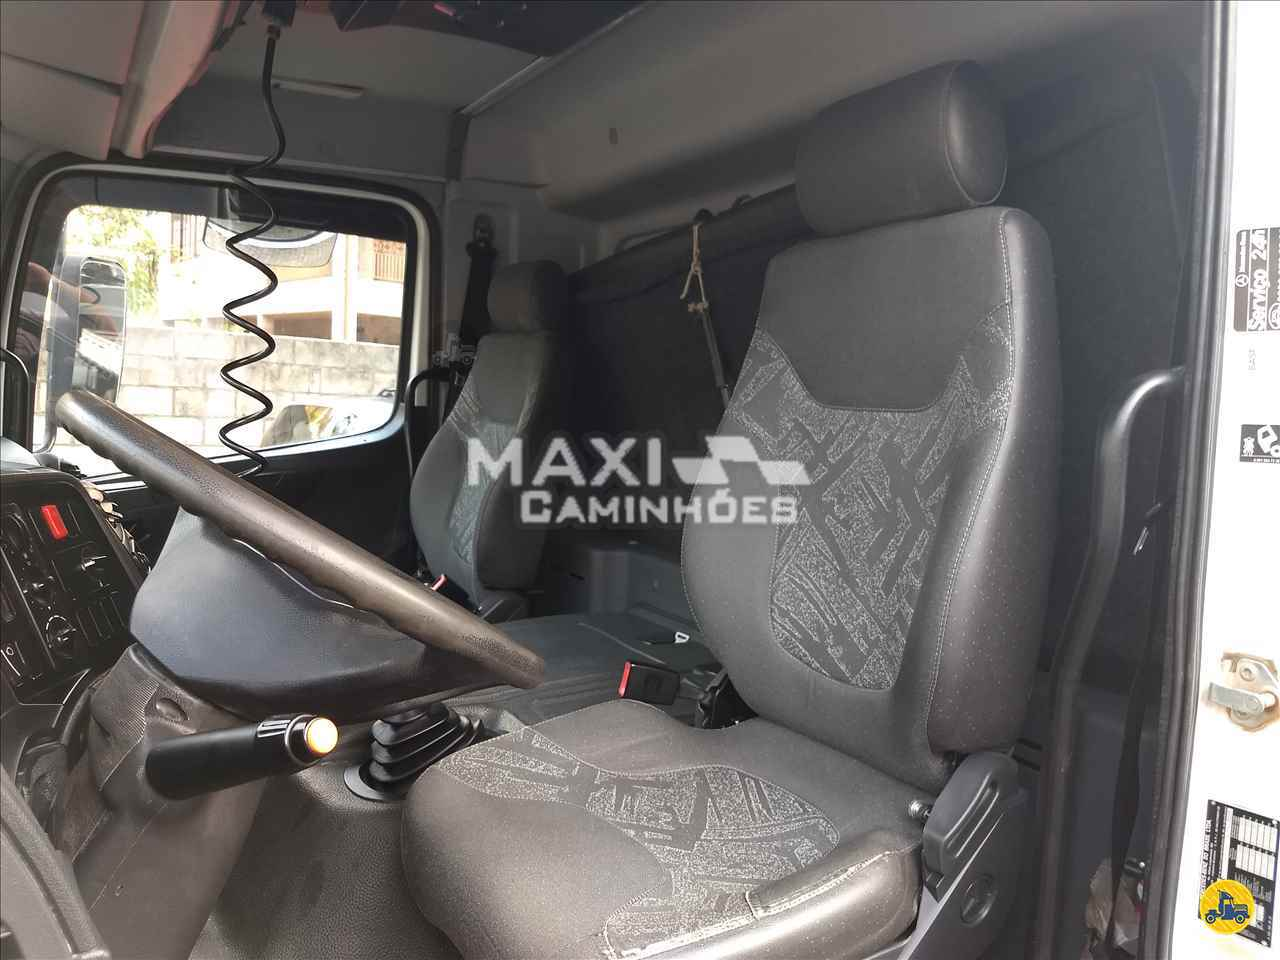 MERCEDES-BENZ MB 2429 484000km 2013/2013 Maxi Caminhões